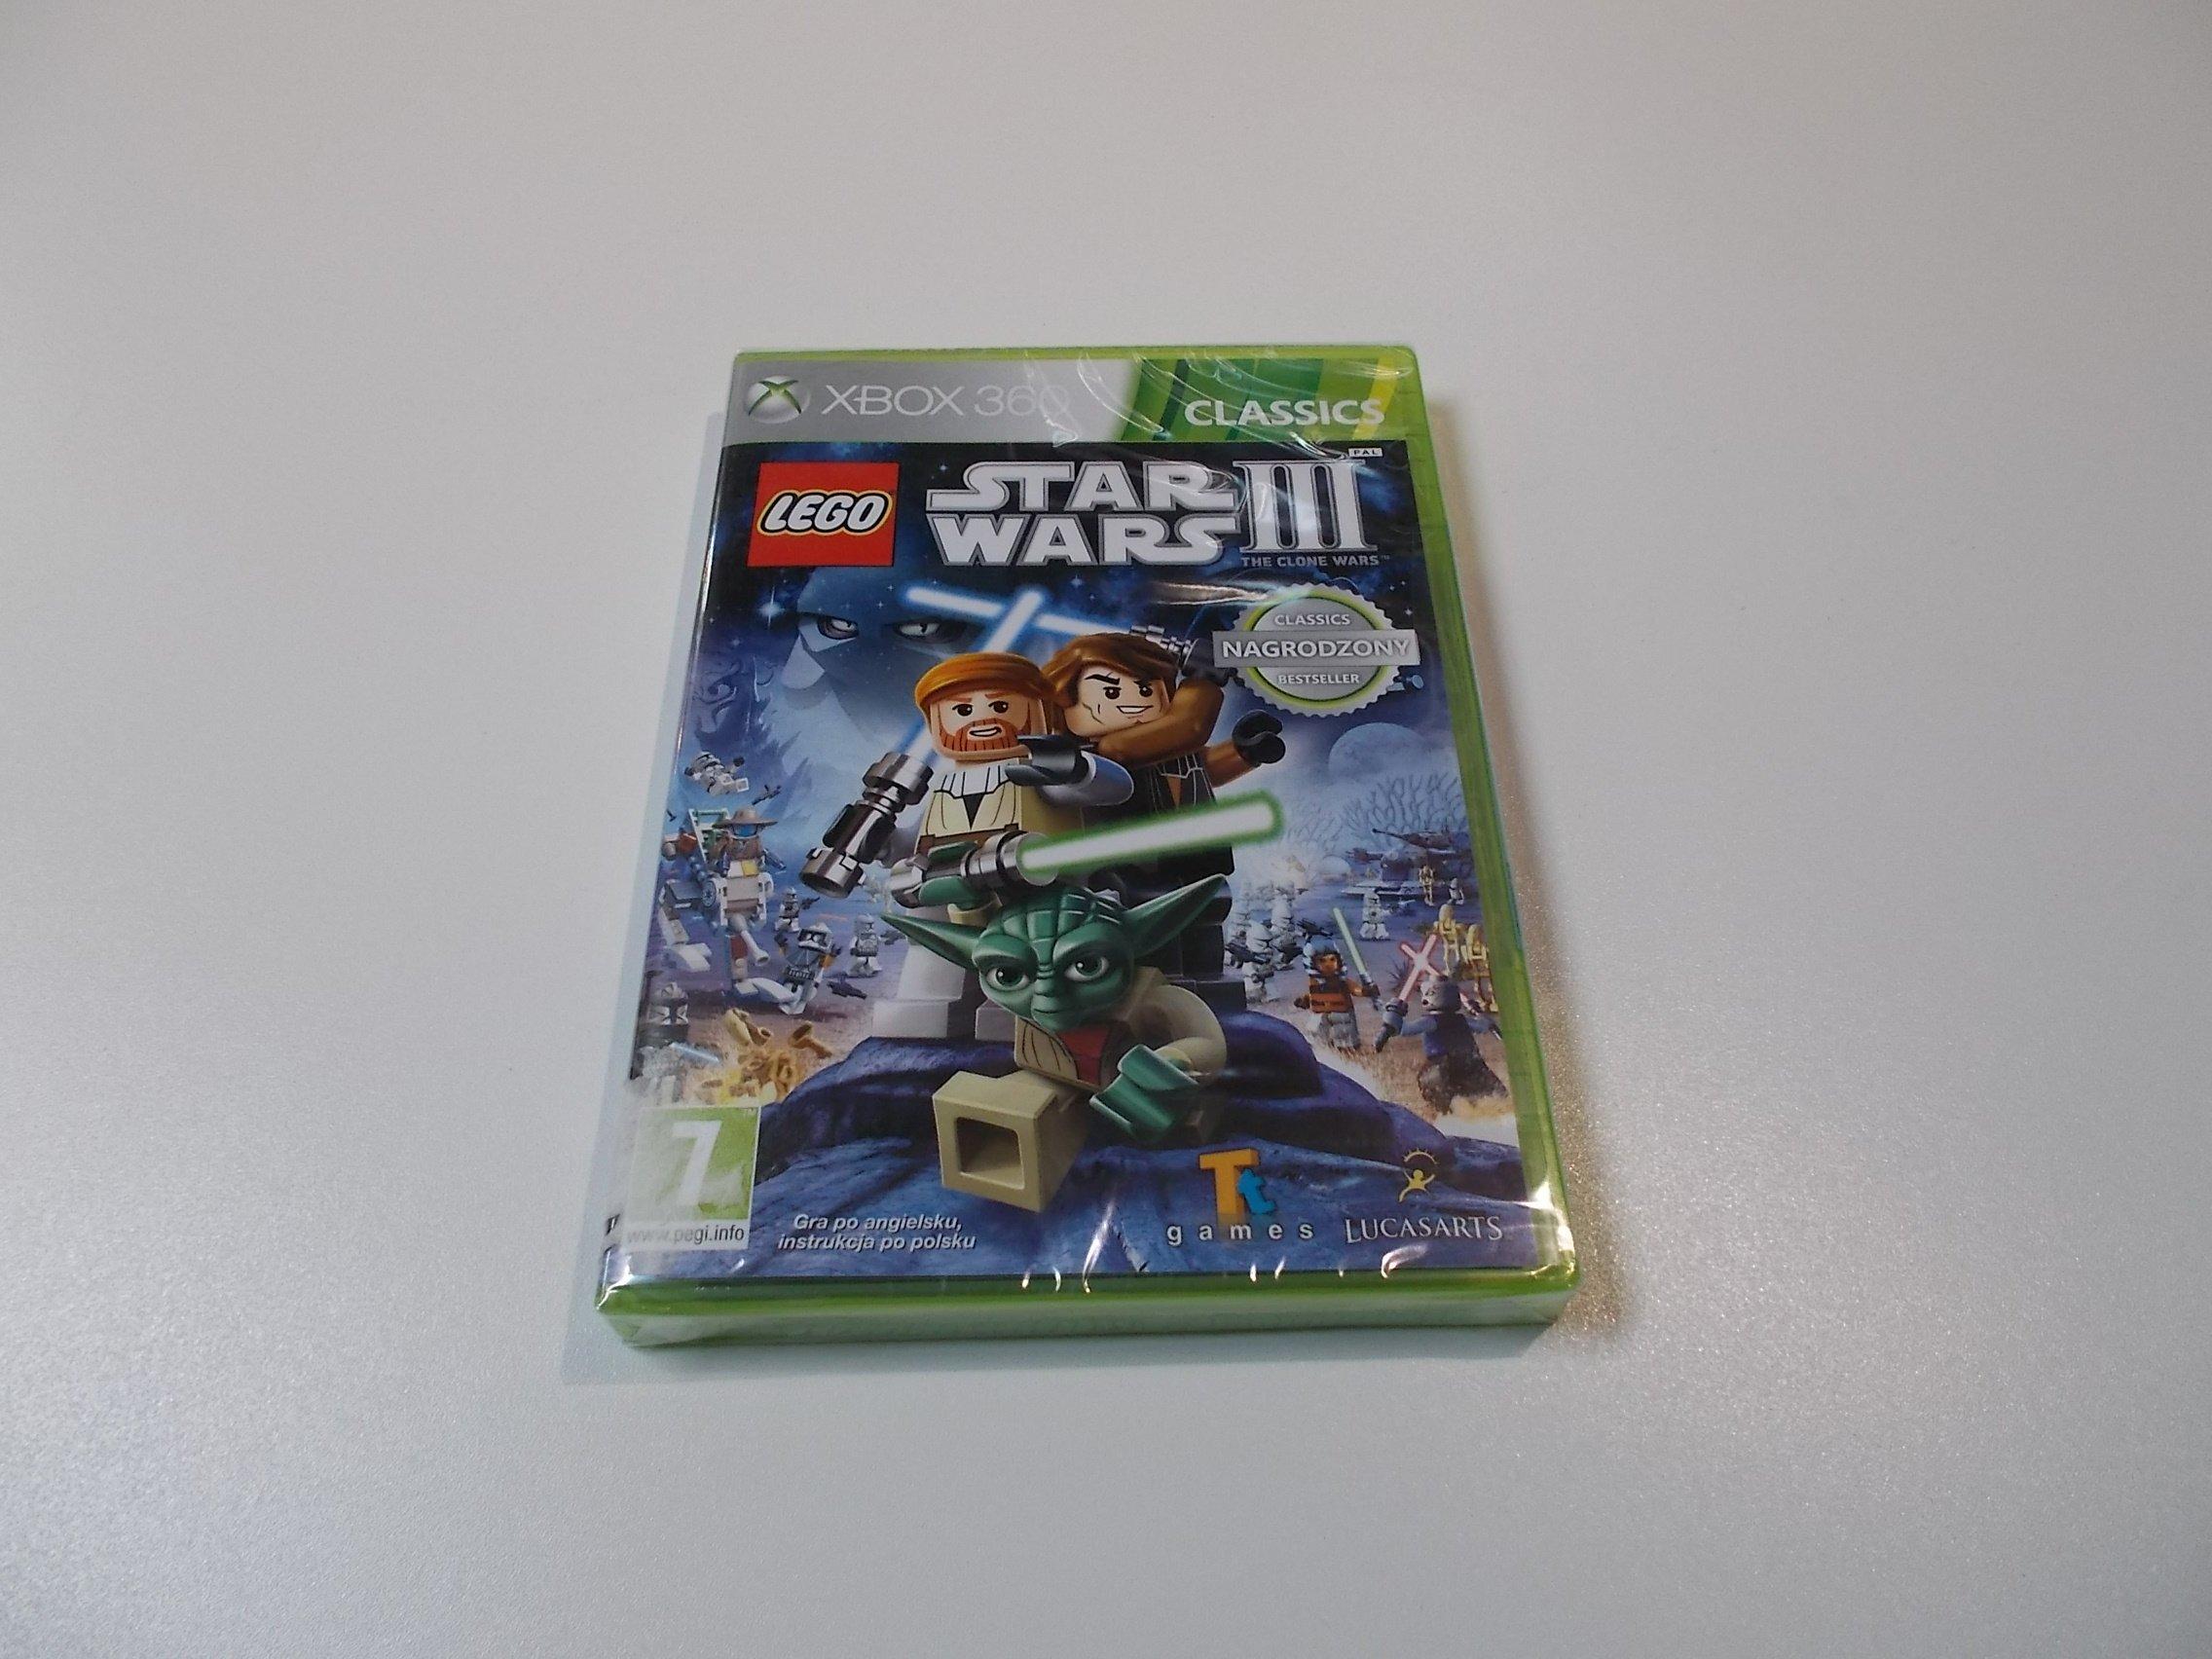 LEGO Star Wars III 3 the clone wars - GRA Xbox 360 - Sklep